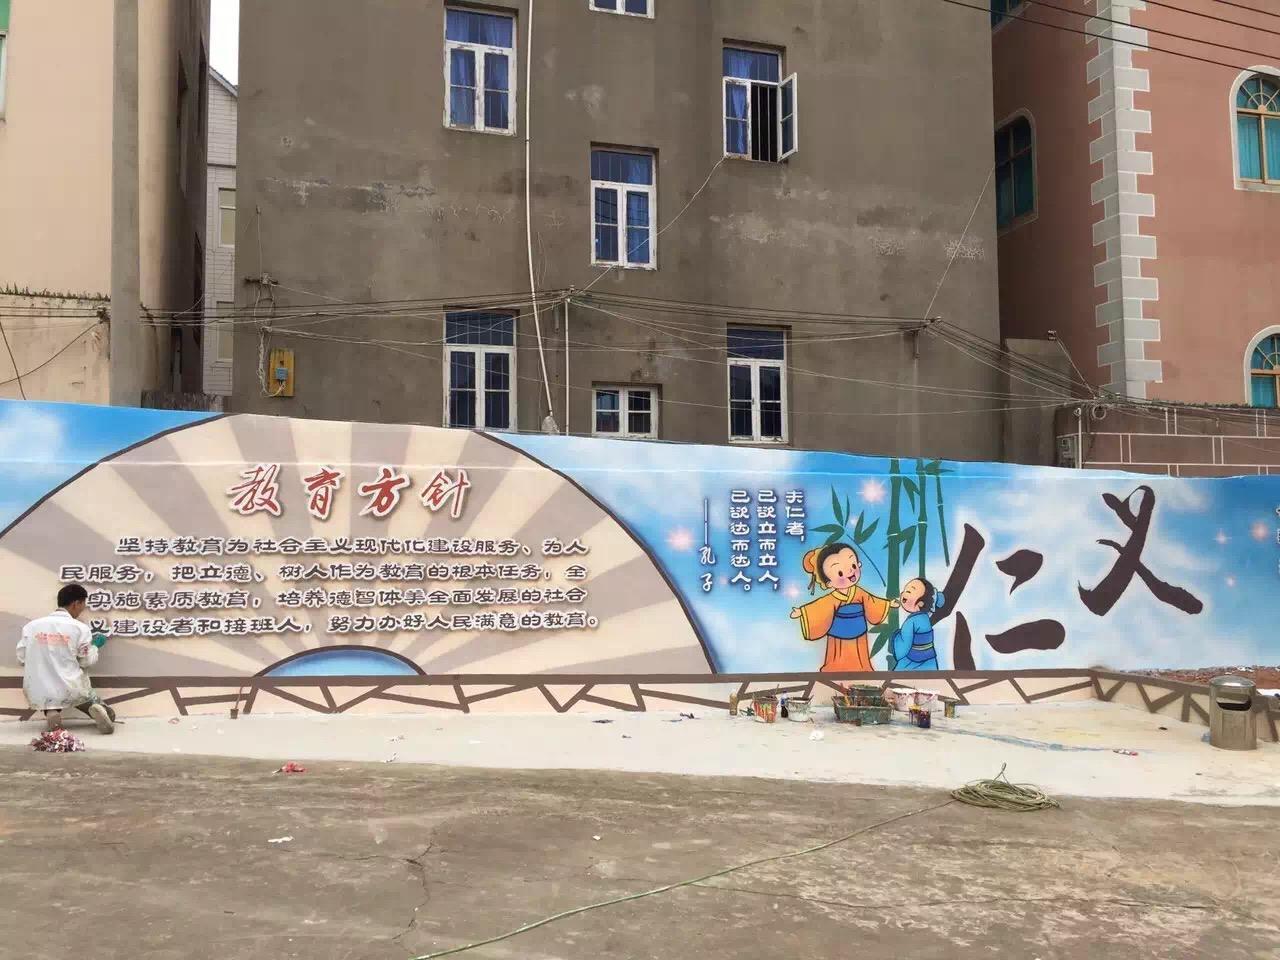 喷绘墙体广告,喷绘墙体广告公司,室内手绘,幼儿园彩绘墙